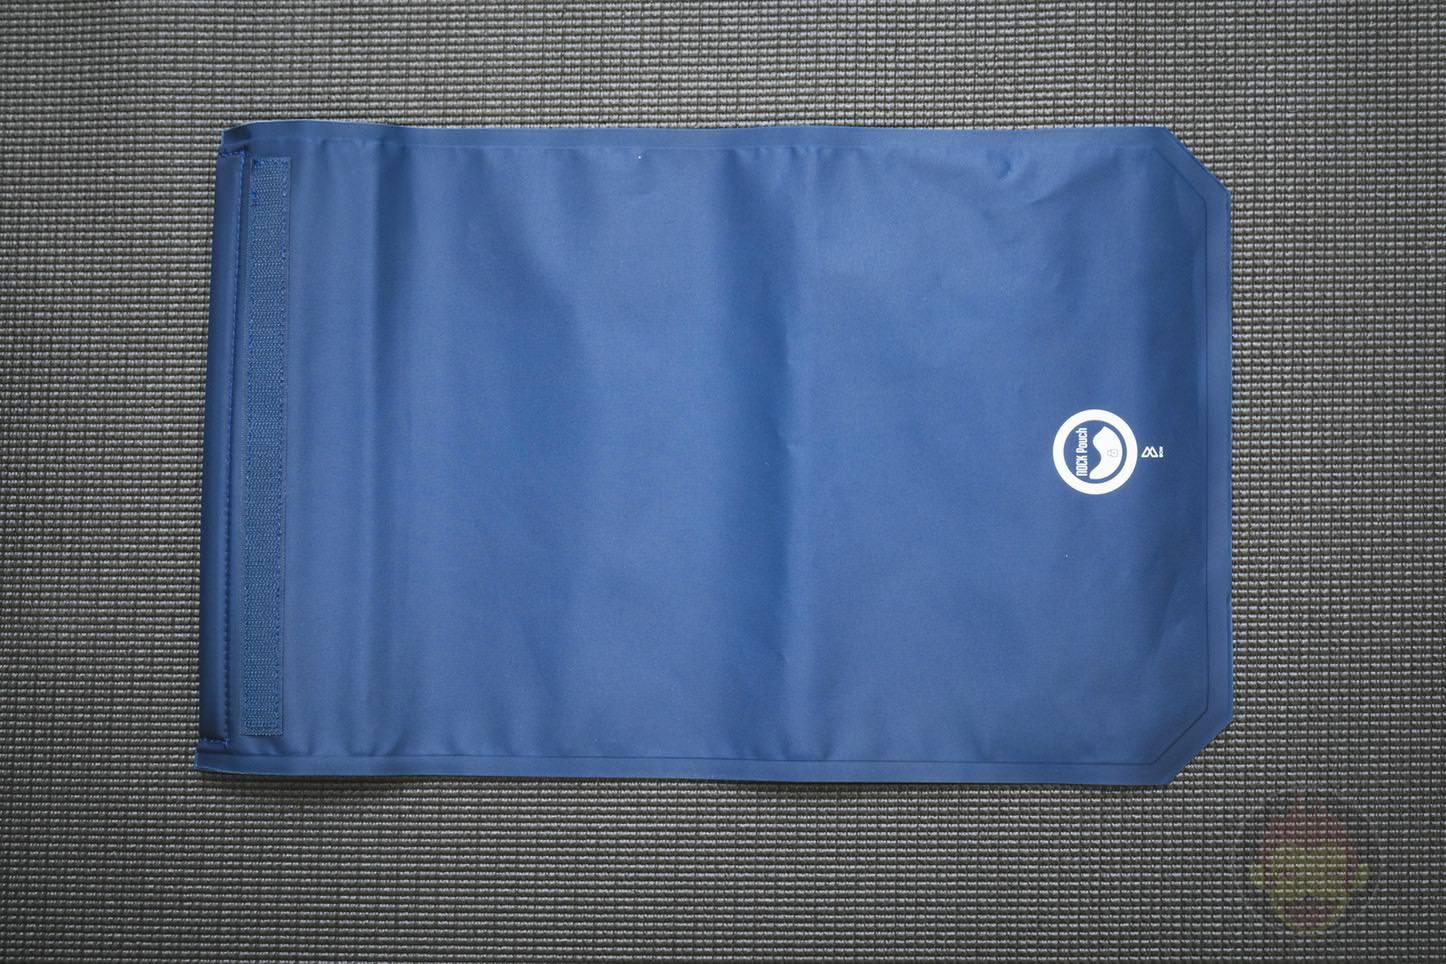 Quiver-Gym-Splashproof-Shoulder-Bag-05.jpg